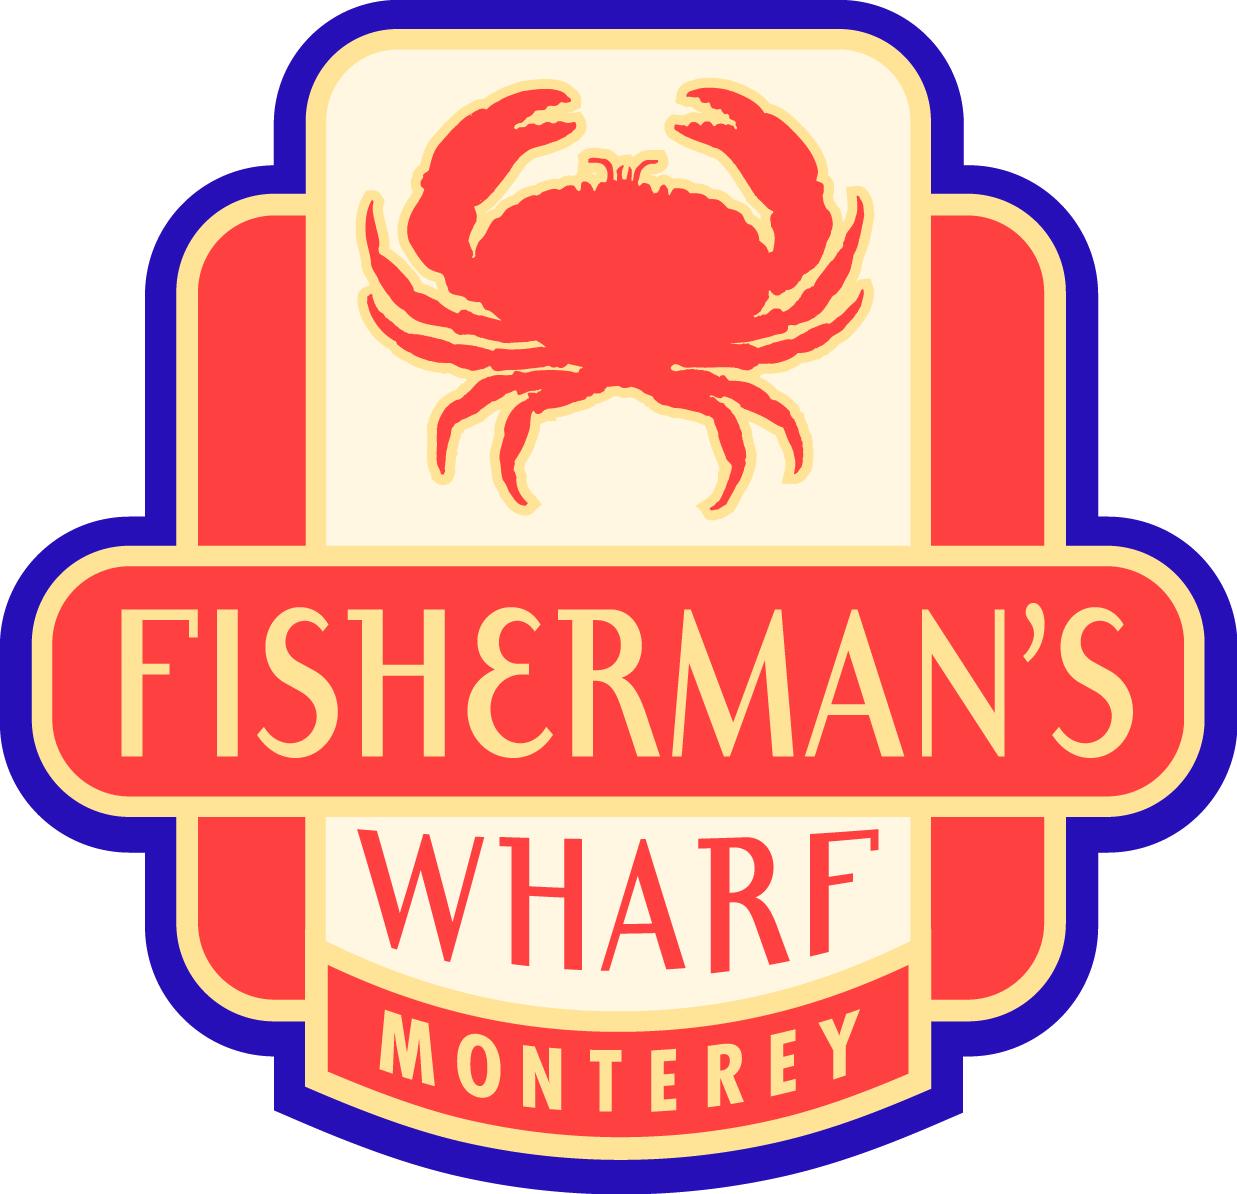 Fisherman's Wharf Monterey.